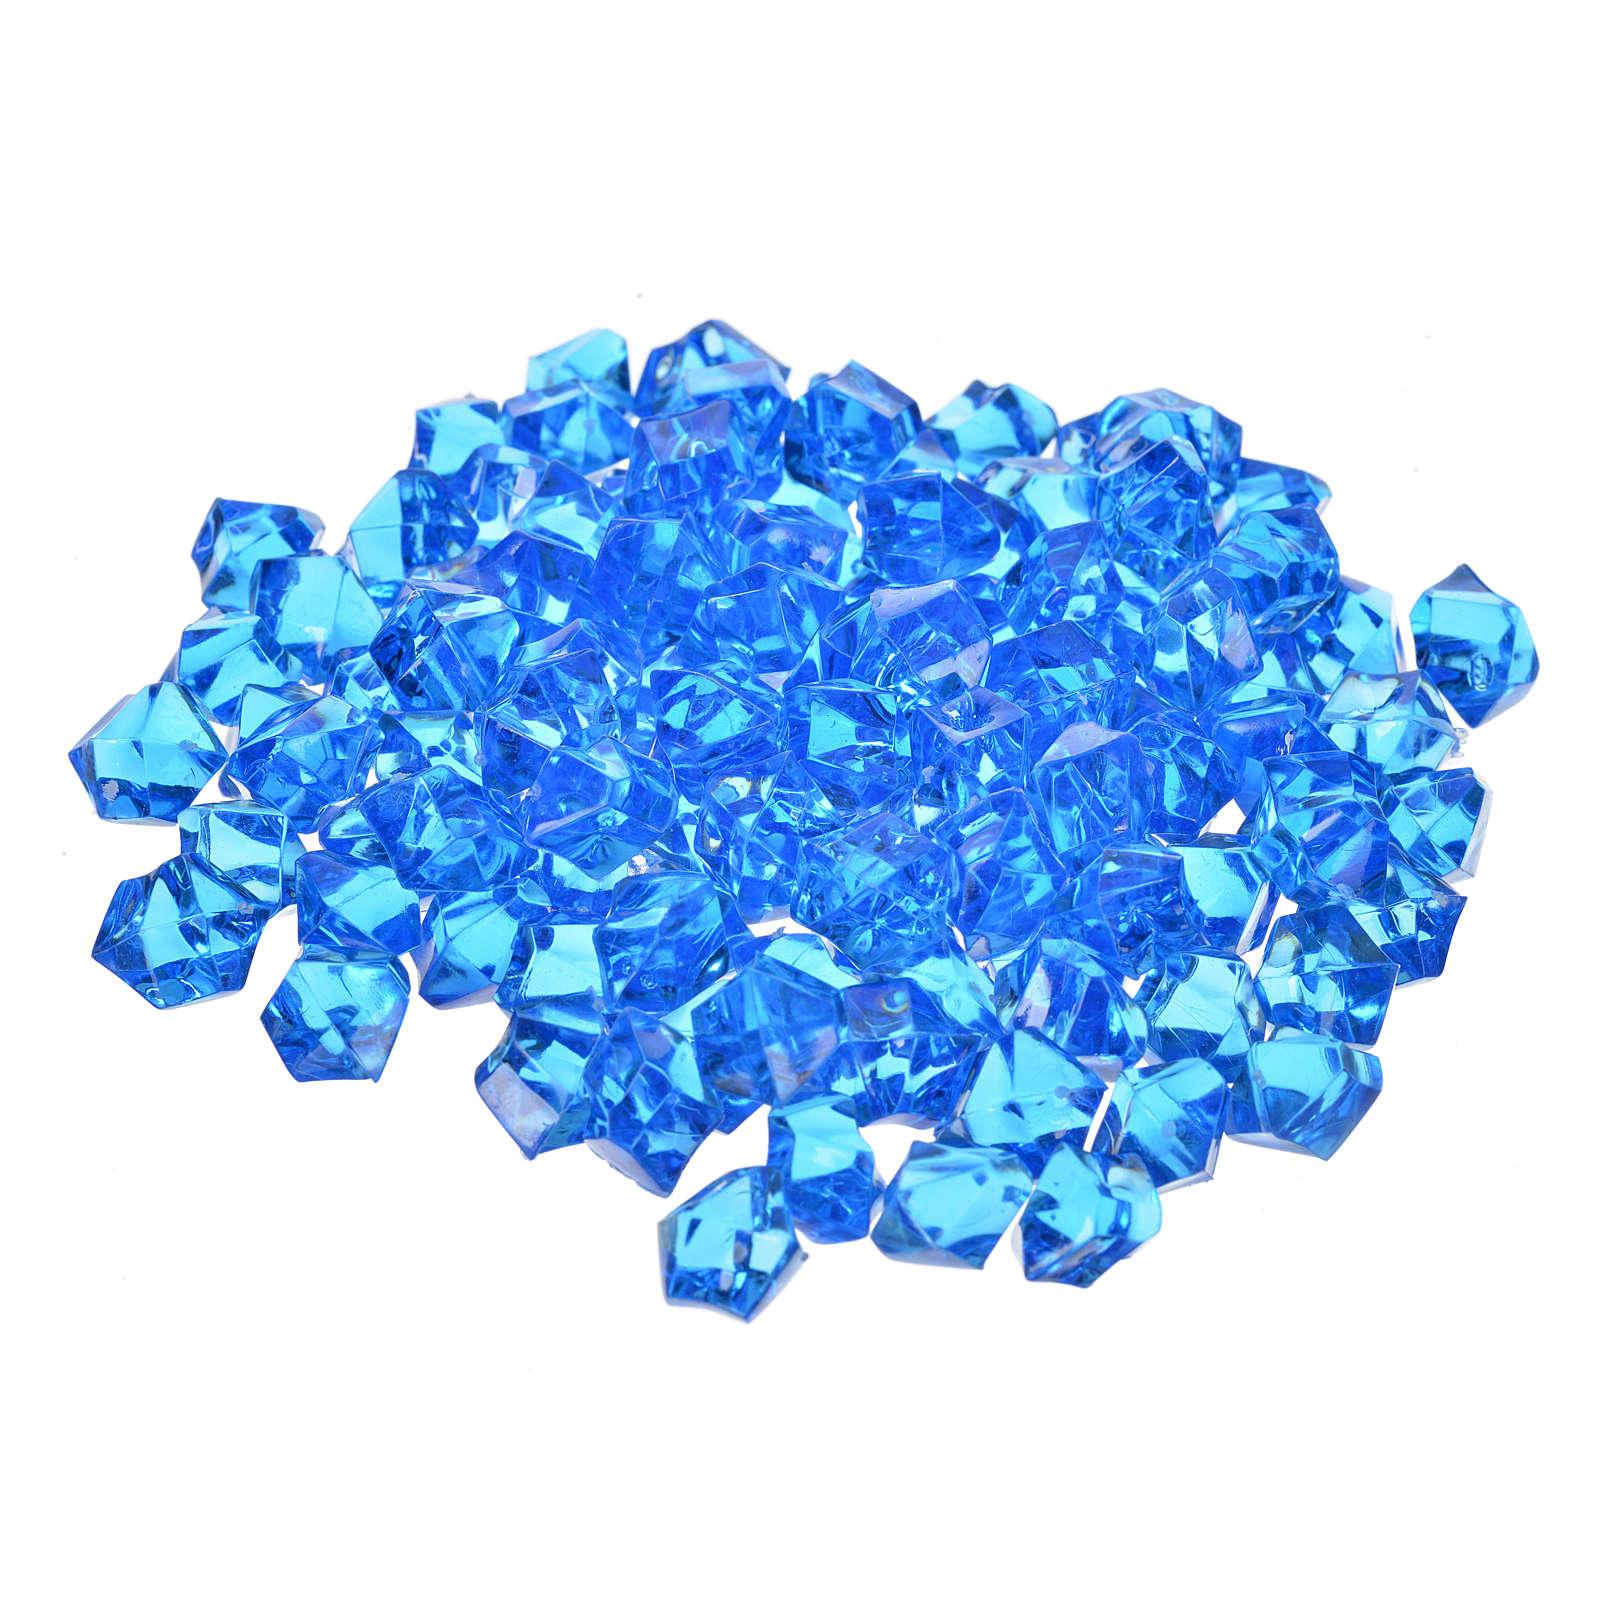 Ziarenka w błękitnym kolorze 150g 4